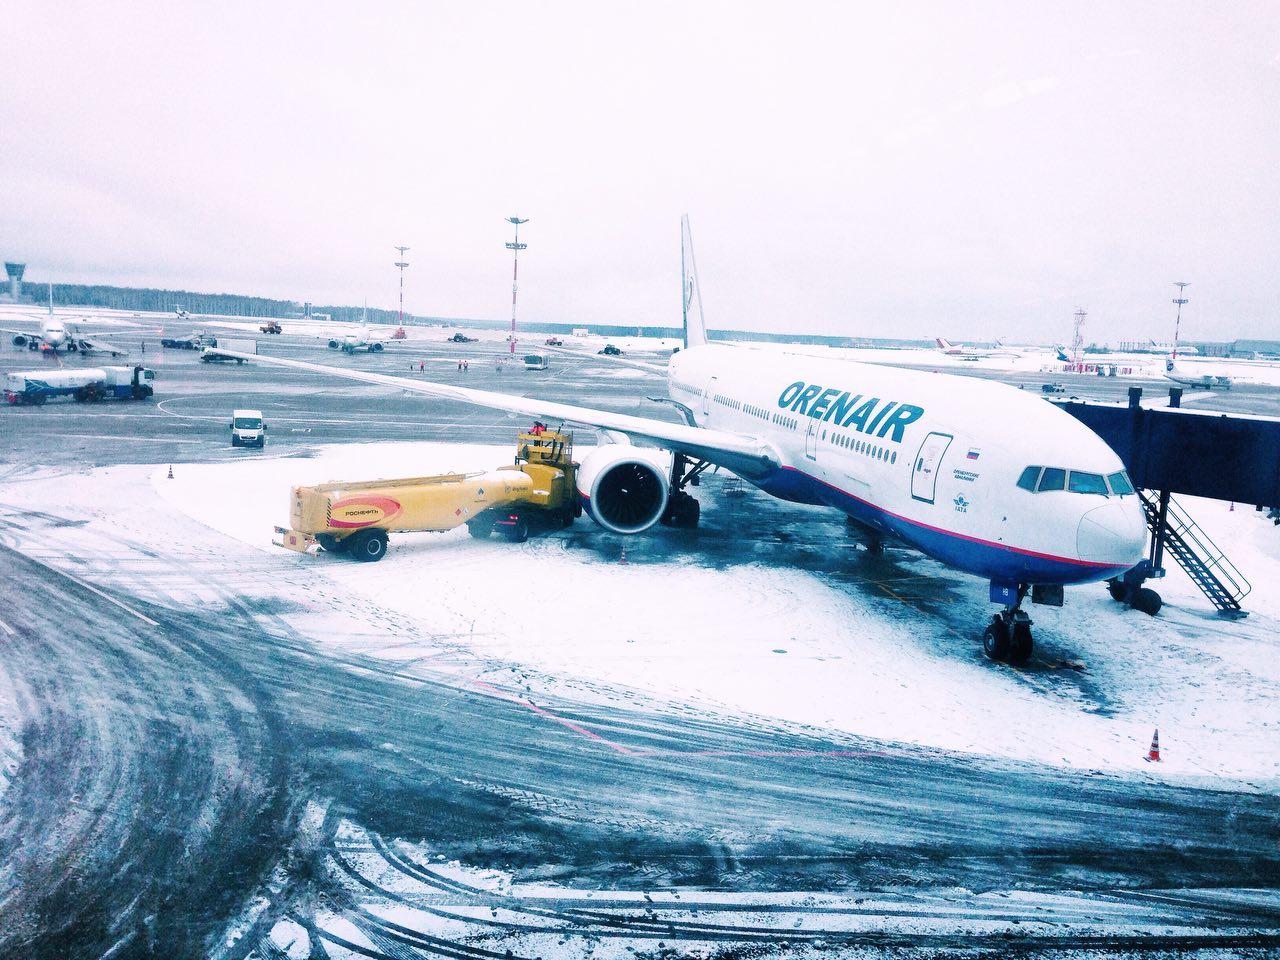 Столичные аэропорты подготовлены к принятию воздушных судов в морозную погоду